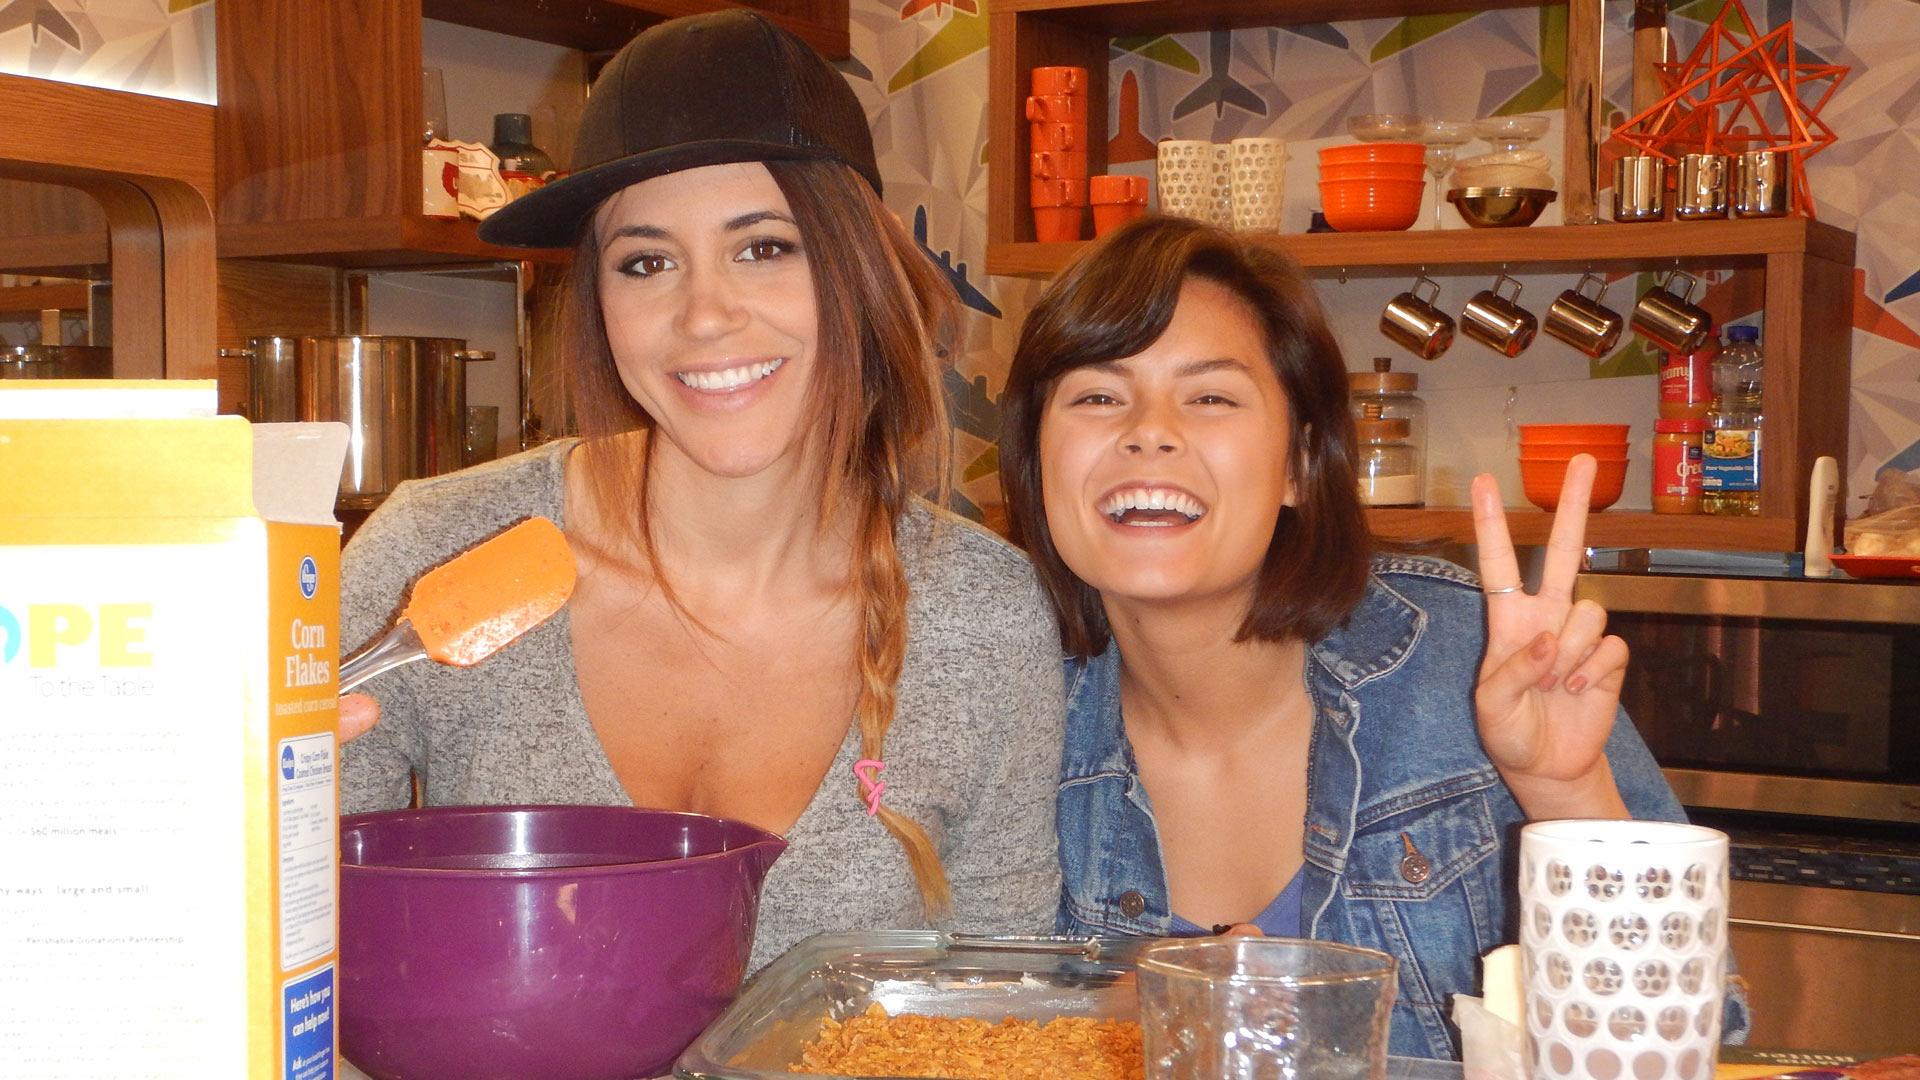 Tiffany and Bridgette make a snack in the kitchen.